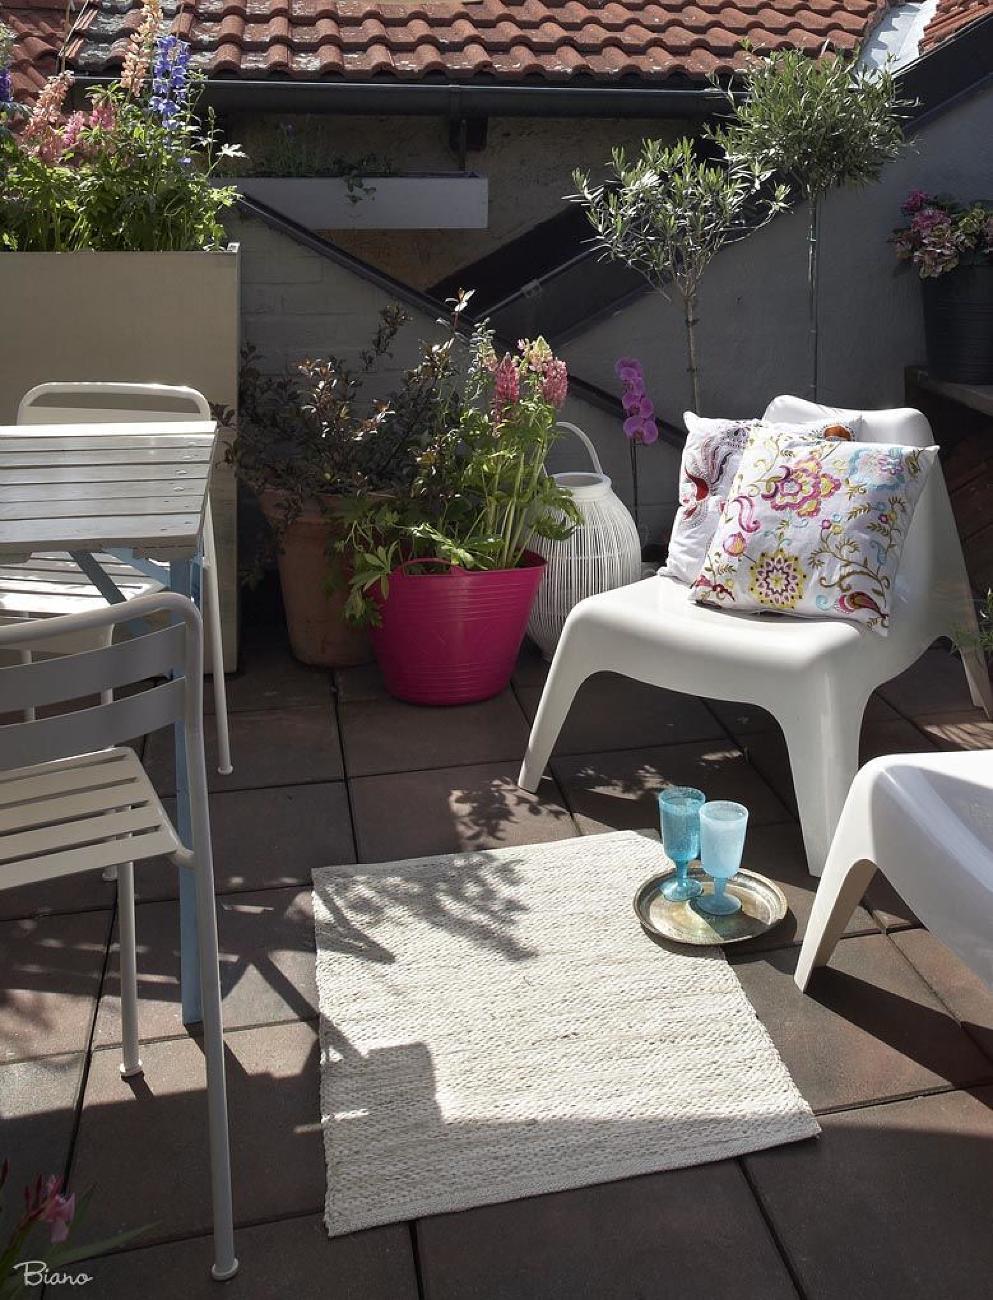 Pohodlné sedenie, ktoré odolá vetru i dažďu je nevyhnutné. Potom už stačí len dodať textílie, ktoré tvrdý nábytok zjemnia a dodajú atmosféru.